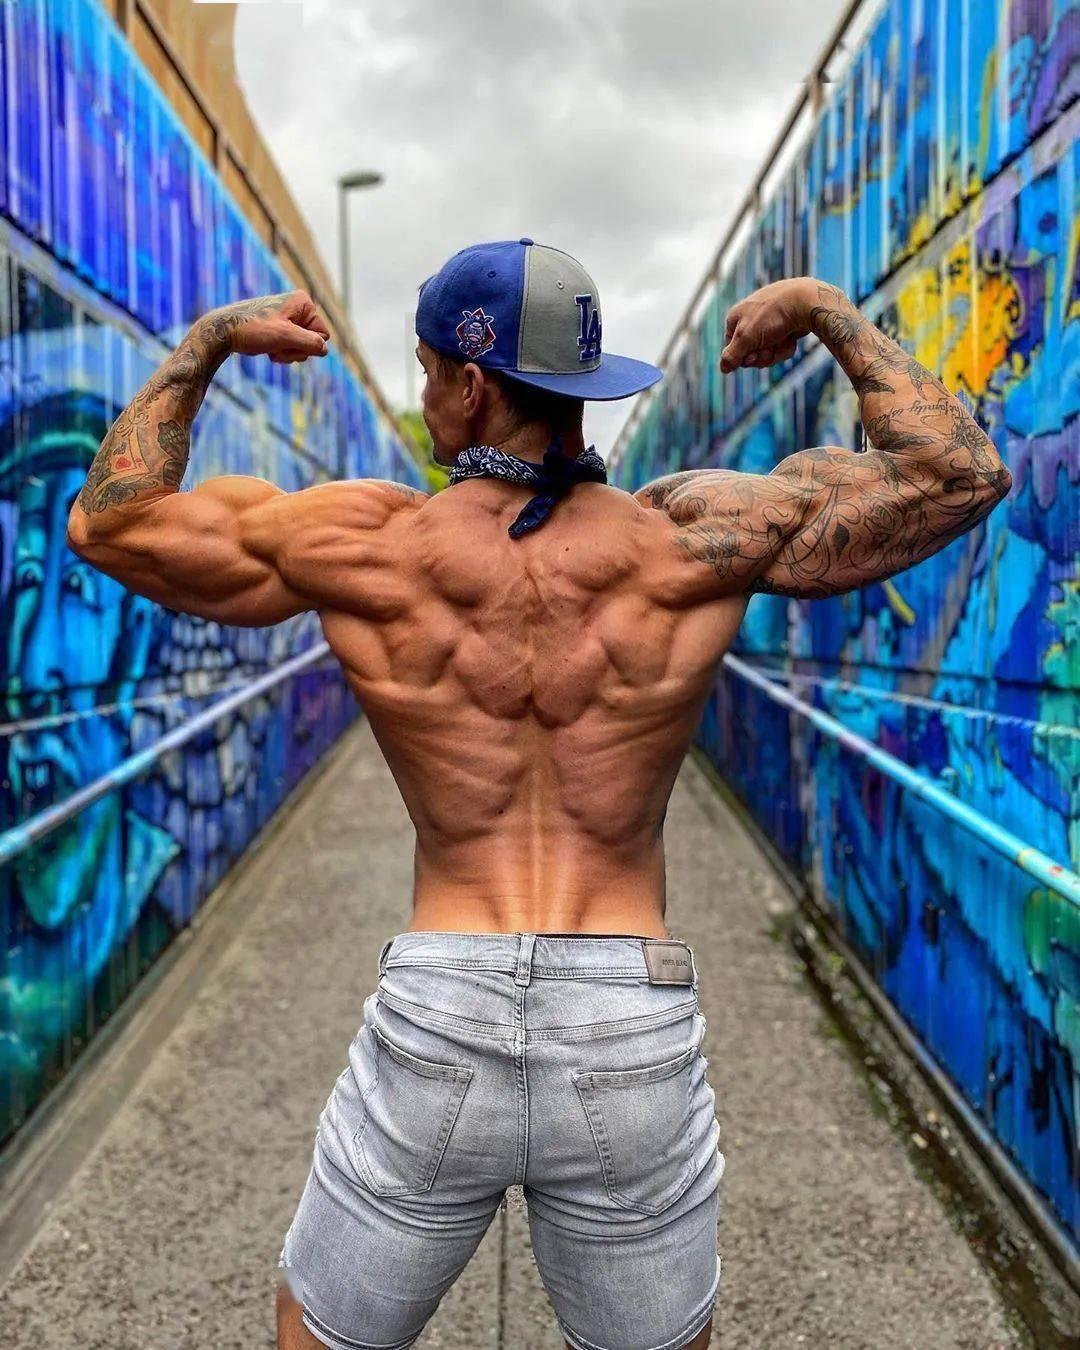 三角肌后束训练:V把下拉,帮你强化后肩肌群!